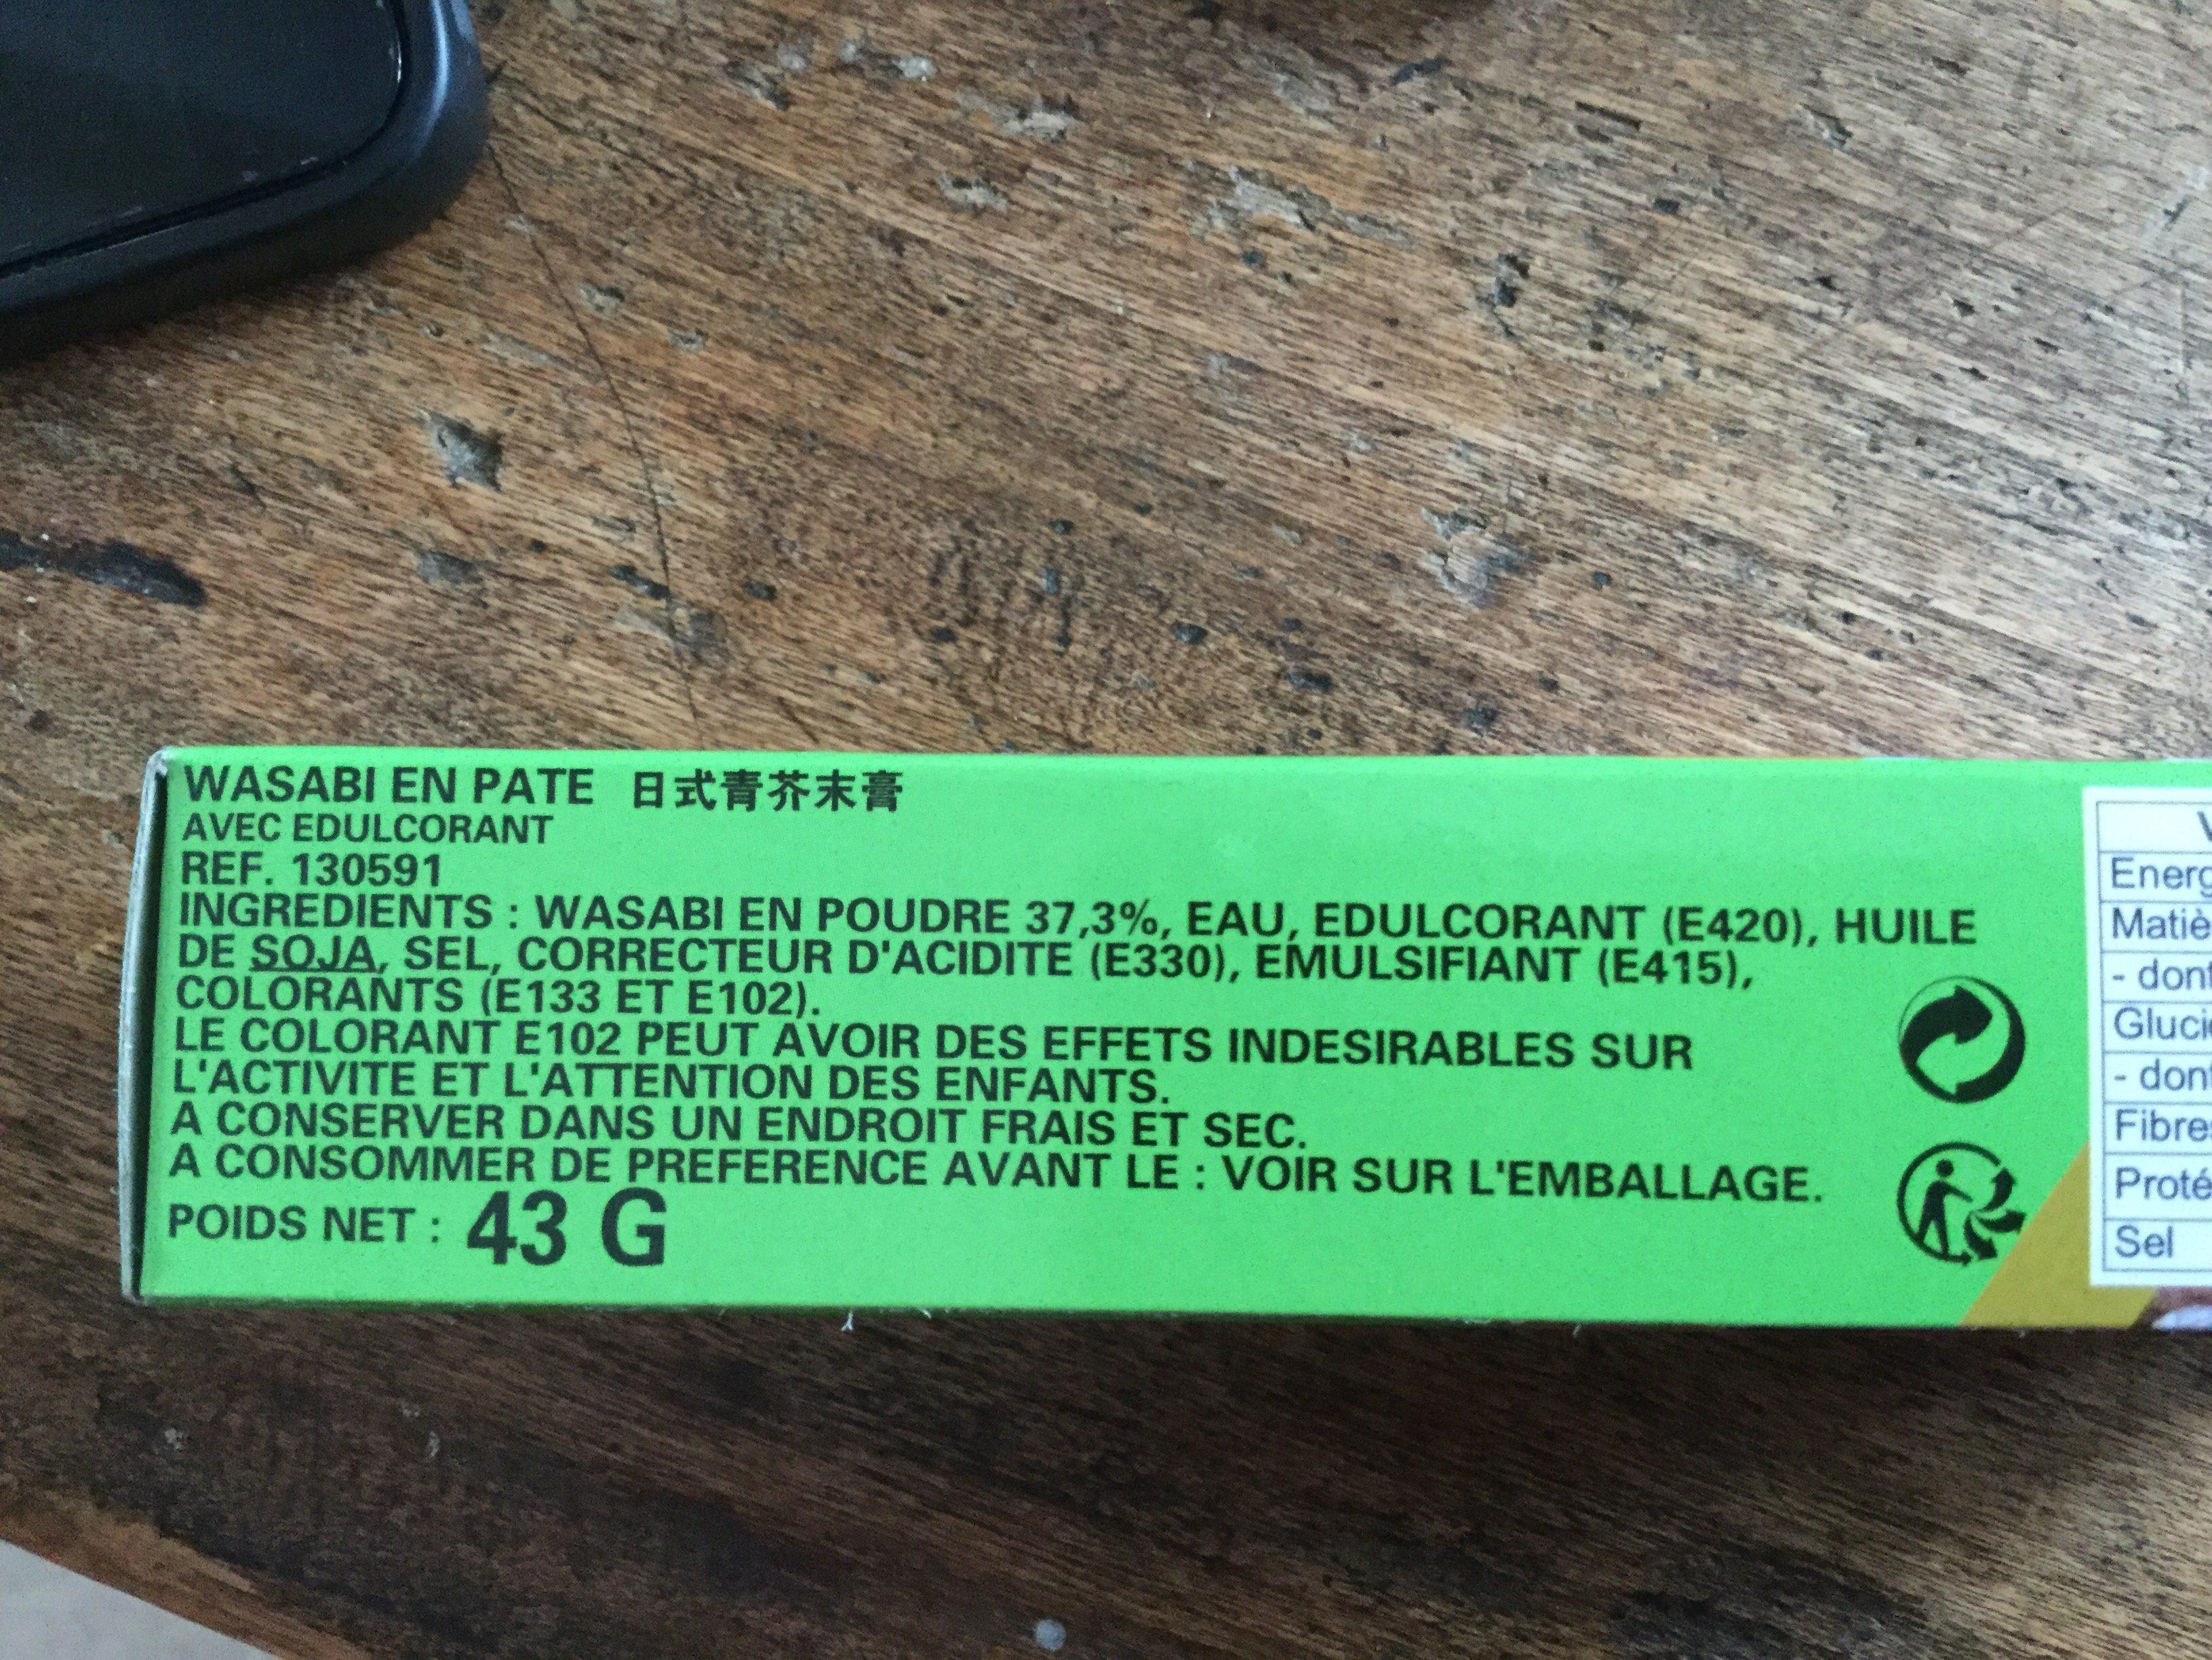 Pate De Wasabi Miyako - Ingredients